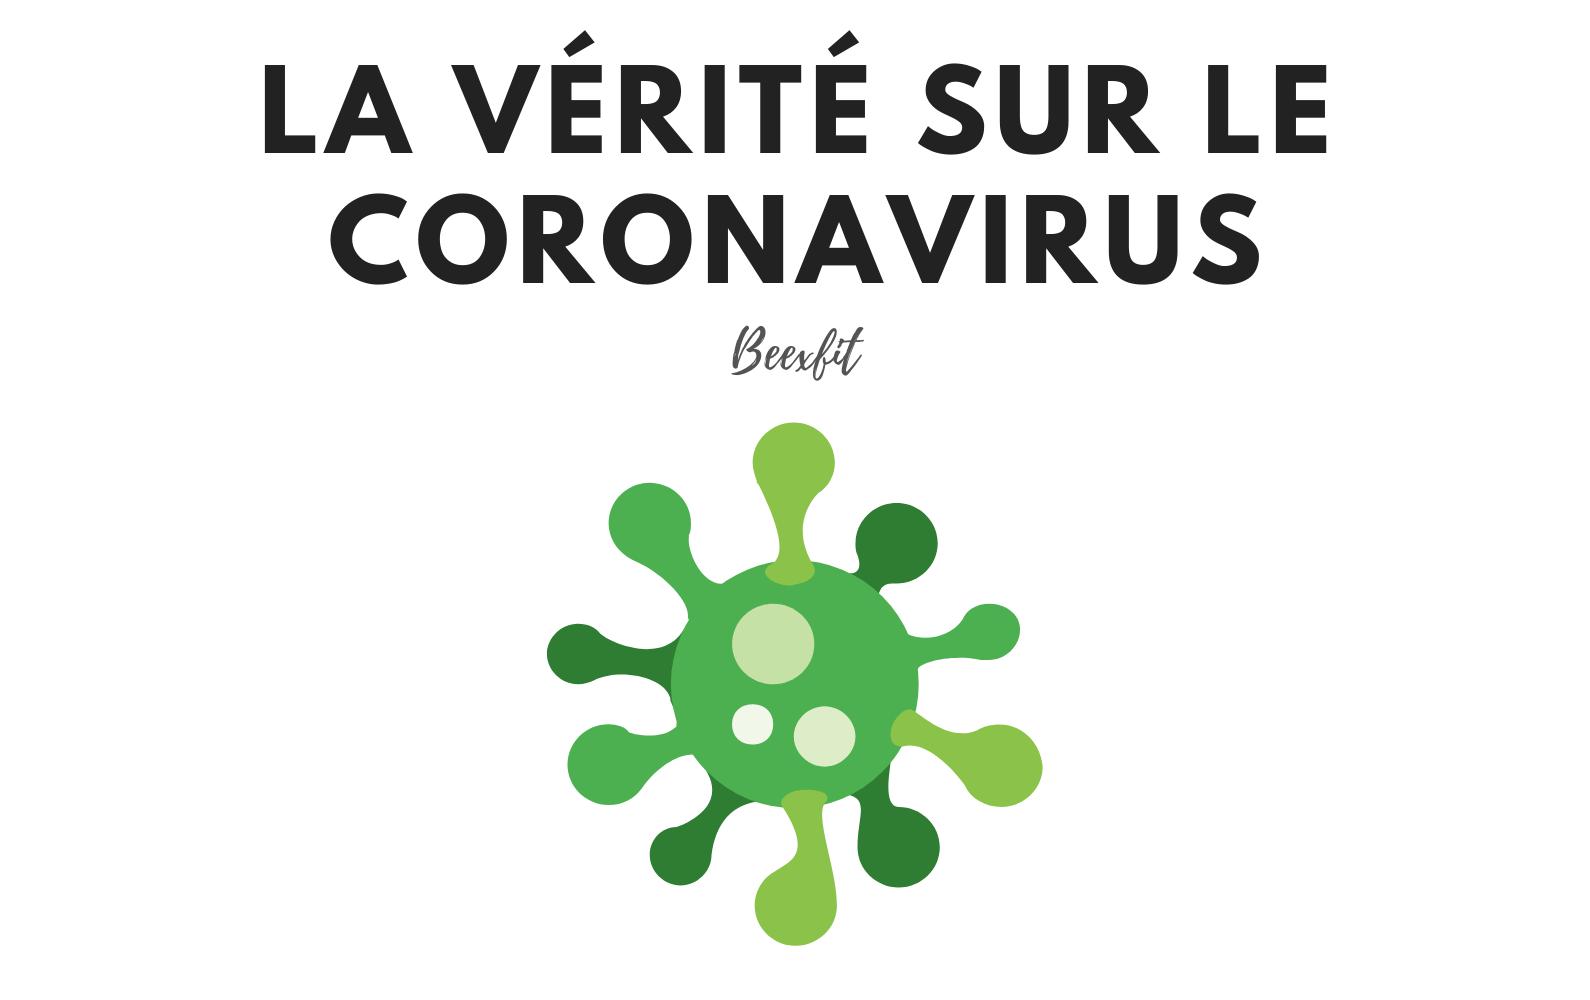 La vérité sur le coronavirus